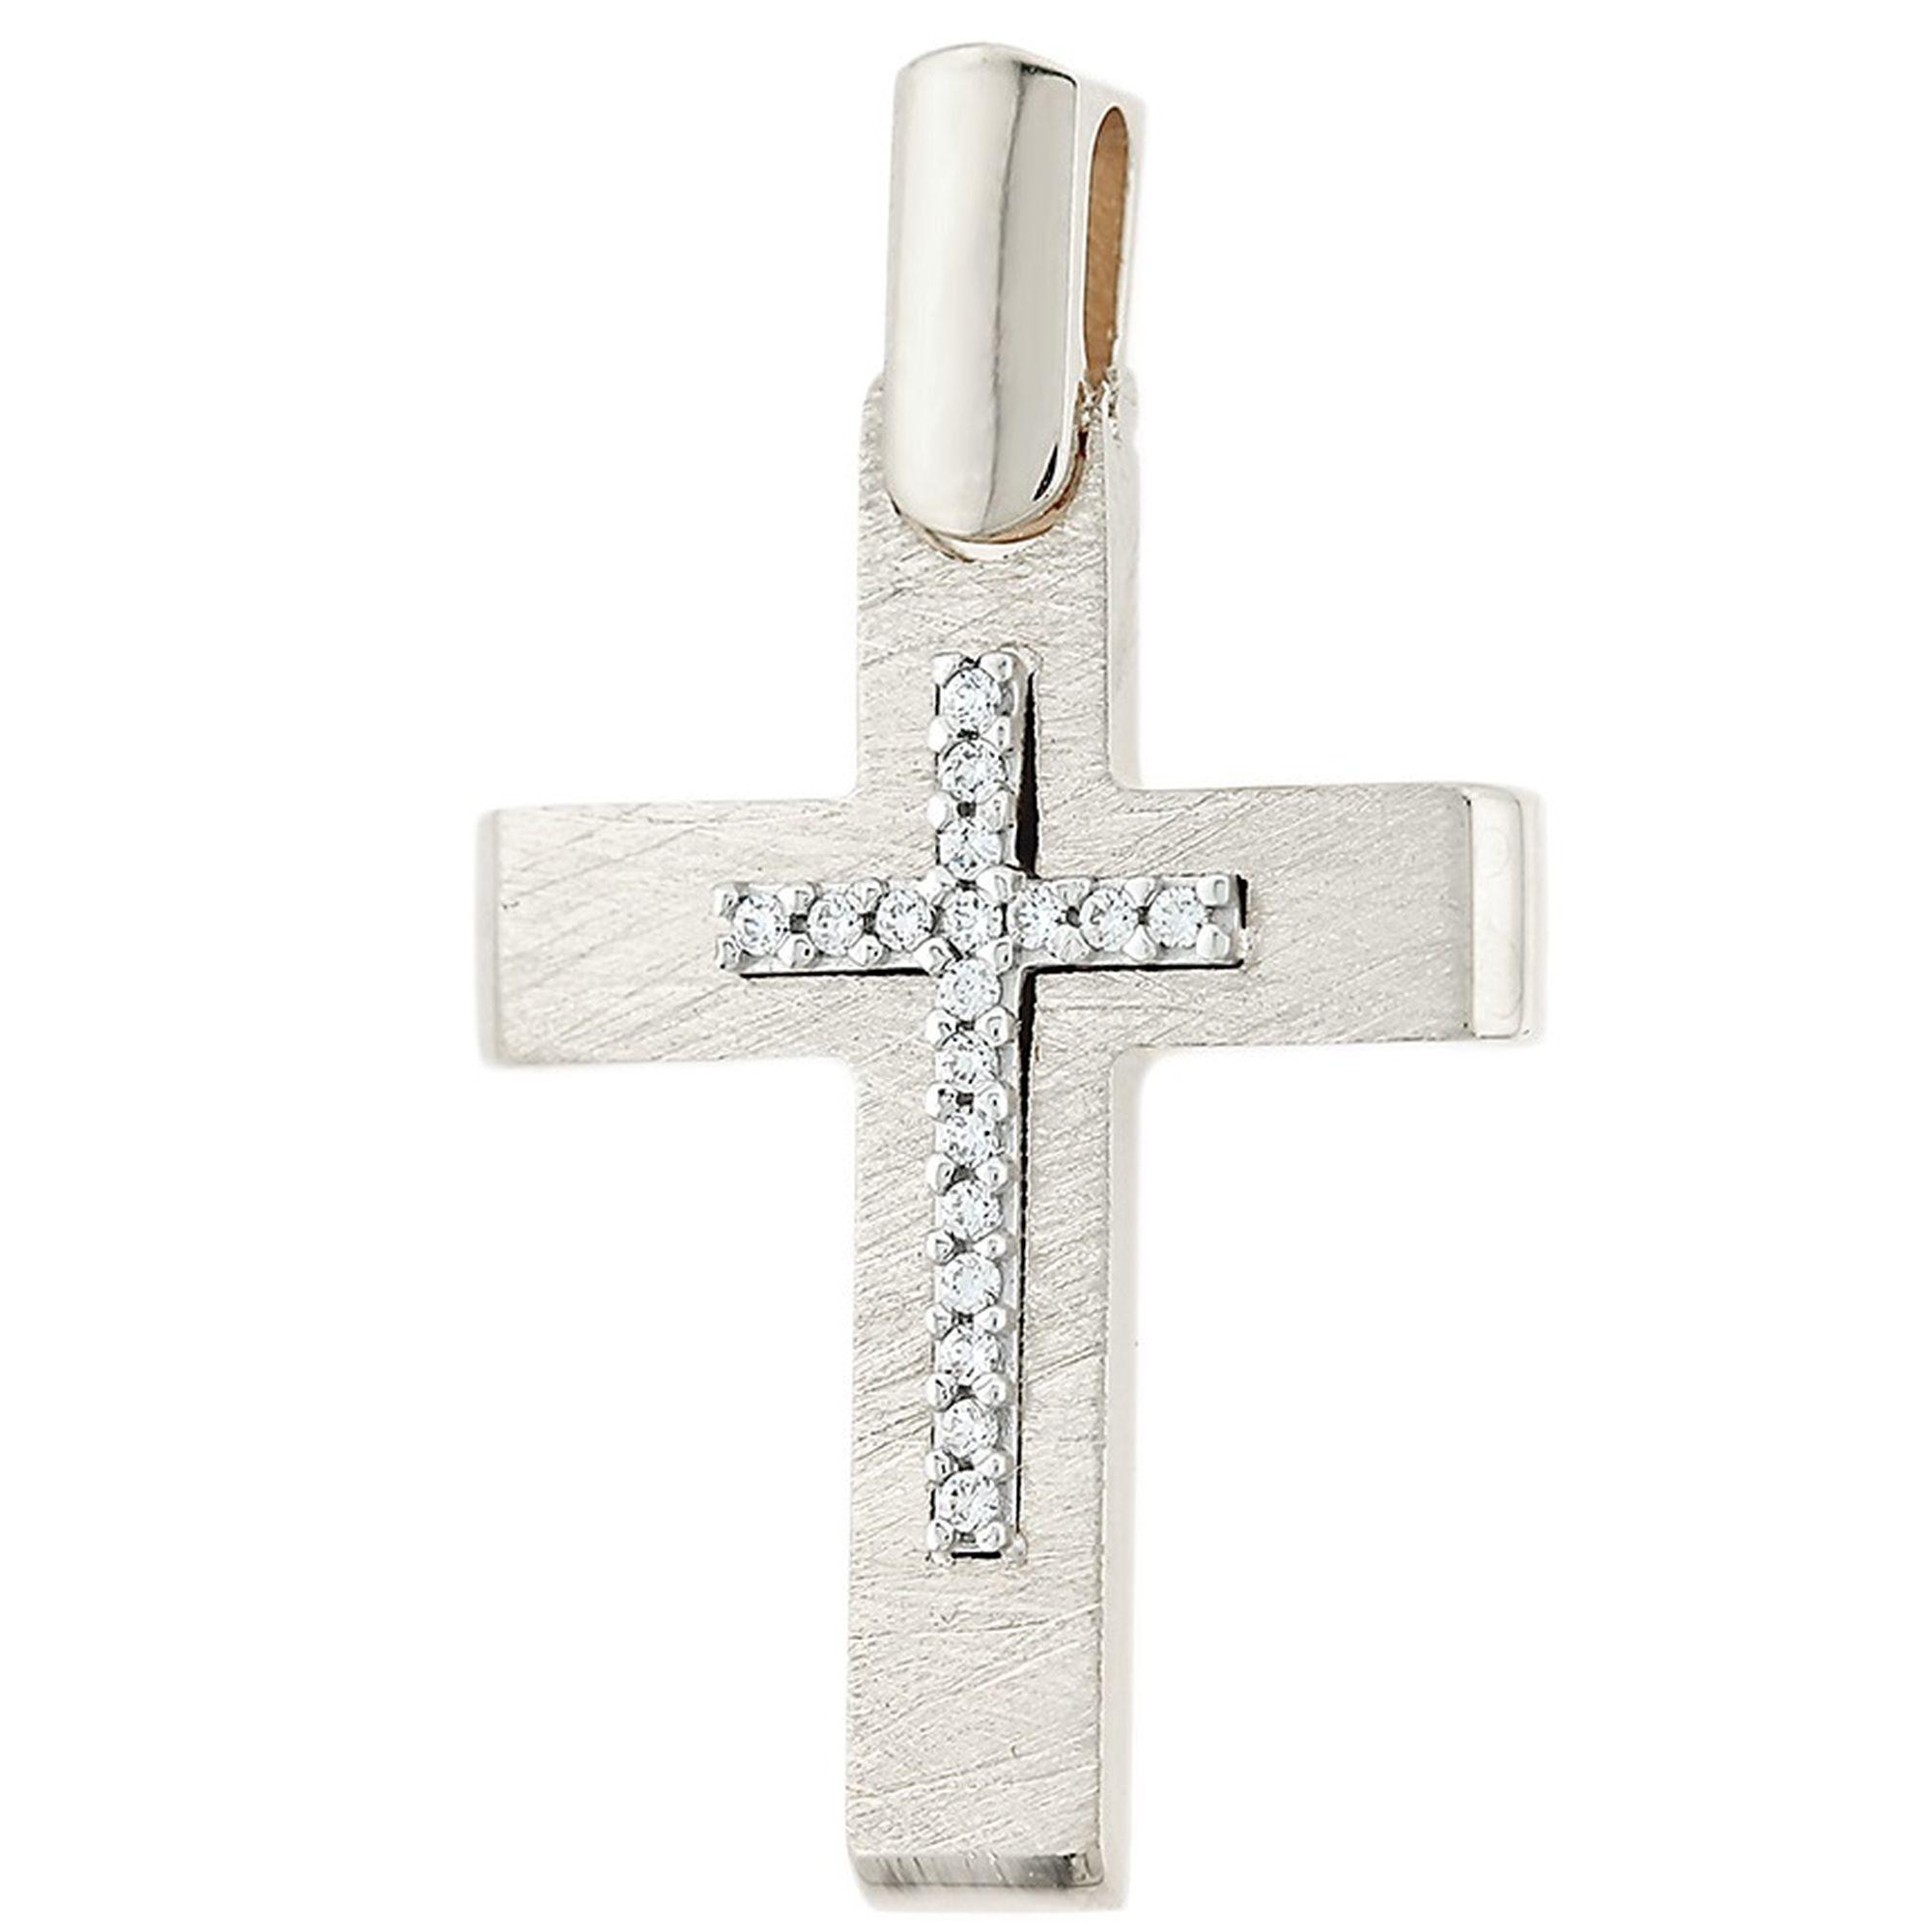 σταυρός,Γυναικείος Σταυρός Ματ με Πέτρες στον Κρίκο + Αλυσίδα σταυρός για βάπτιση, Γυναικείος σταυρόςμε πέτρες, Δωρεάν μεταφορικά, Σταυρός 14 καρατίων